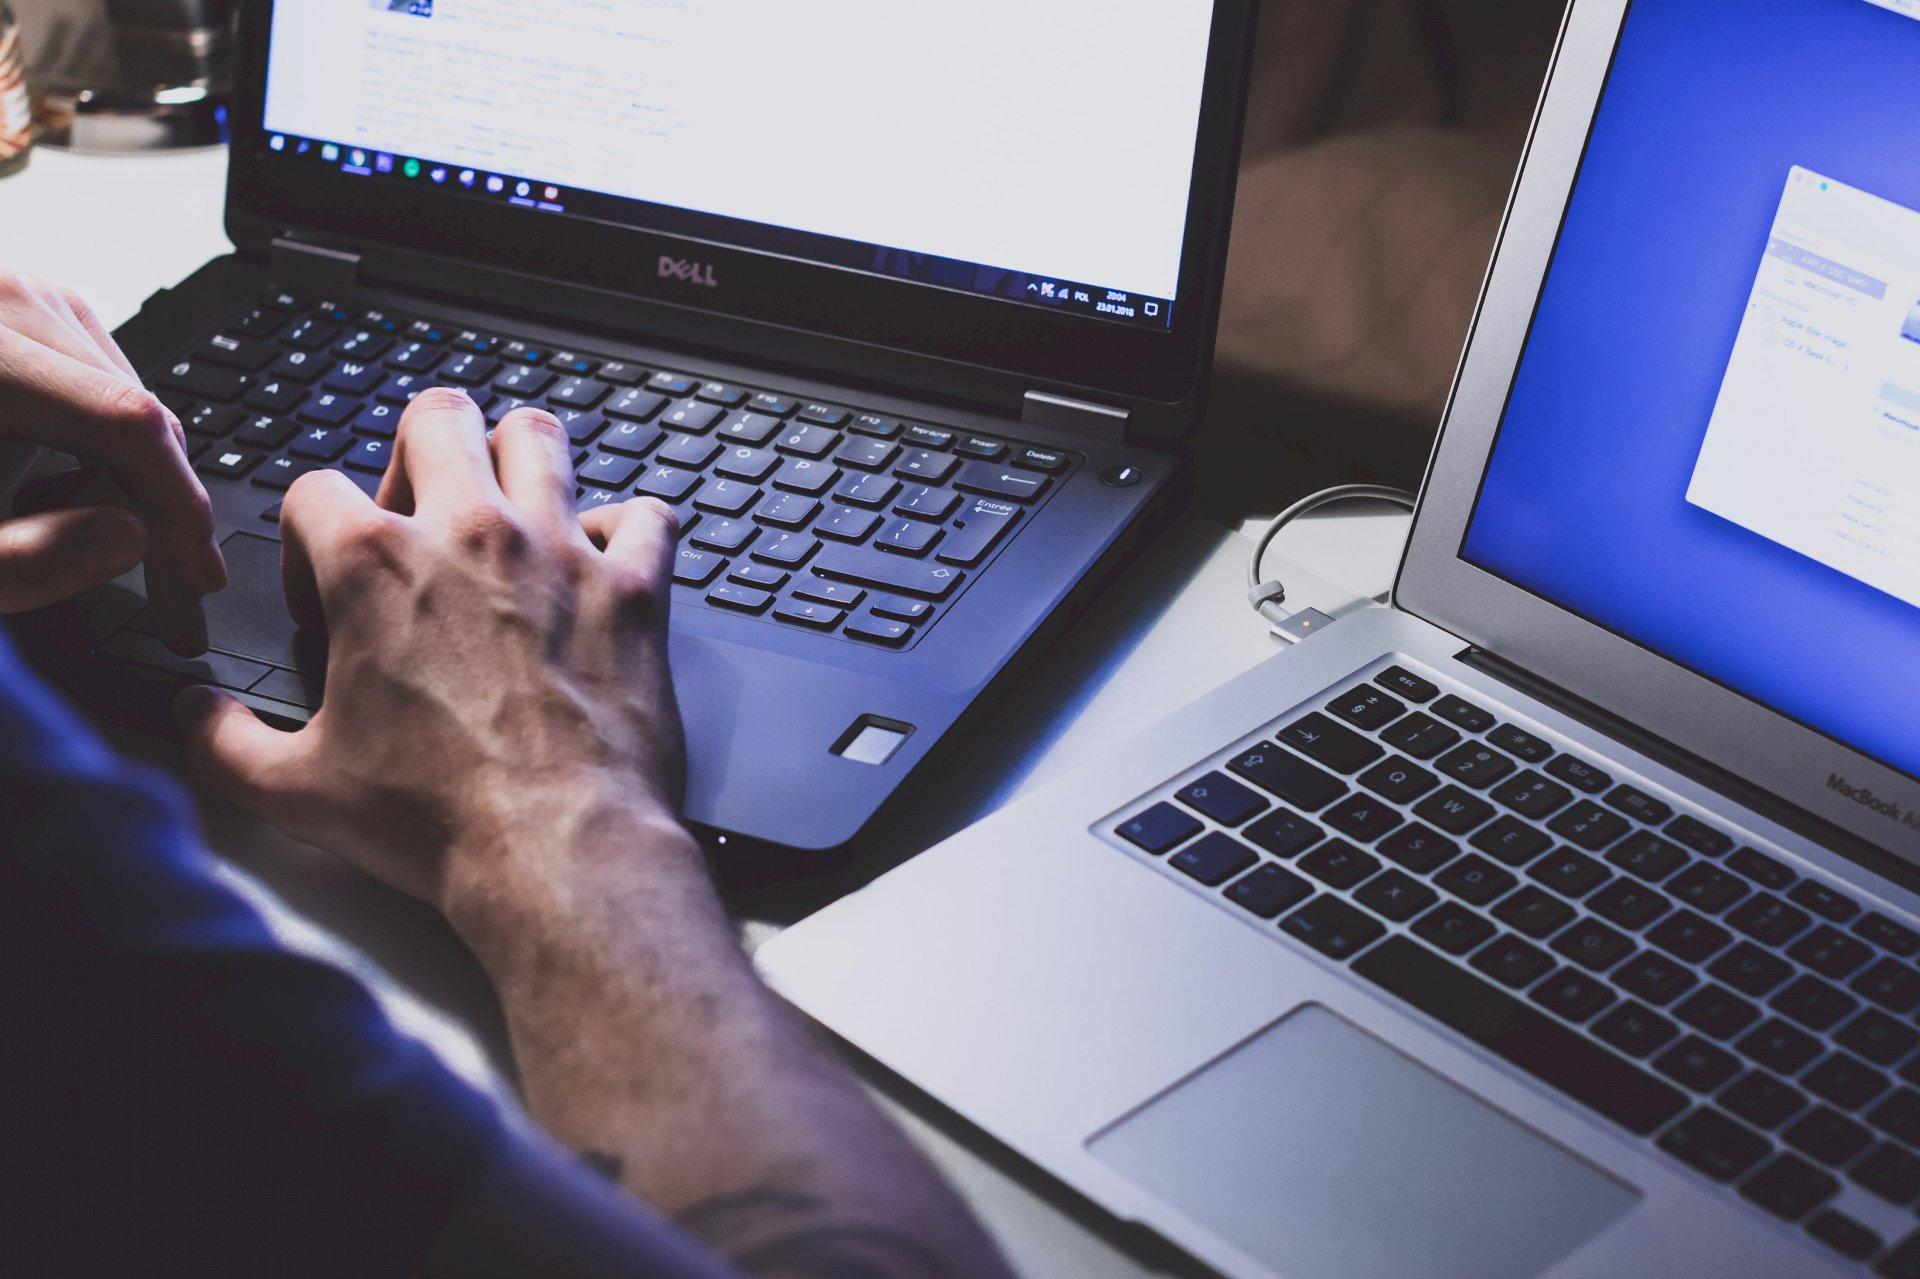 Merendeel Nederlandse bedrijven heeft cybersecurity niet op orde